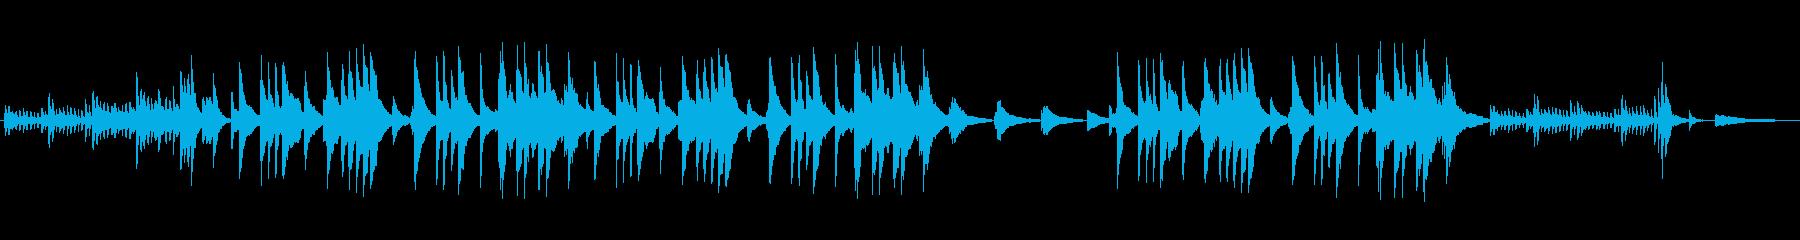 美しく切ないピアノサウンドの再生済みの波形